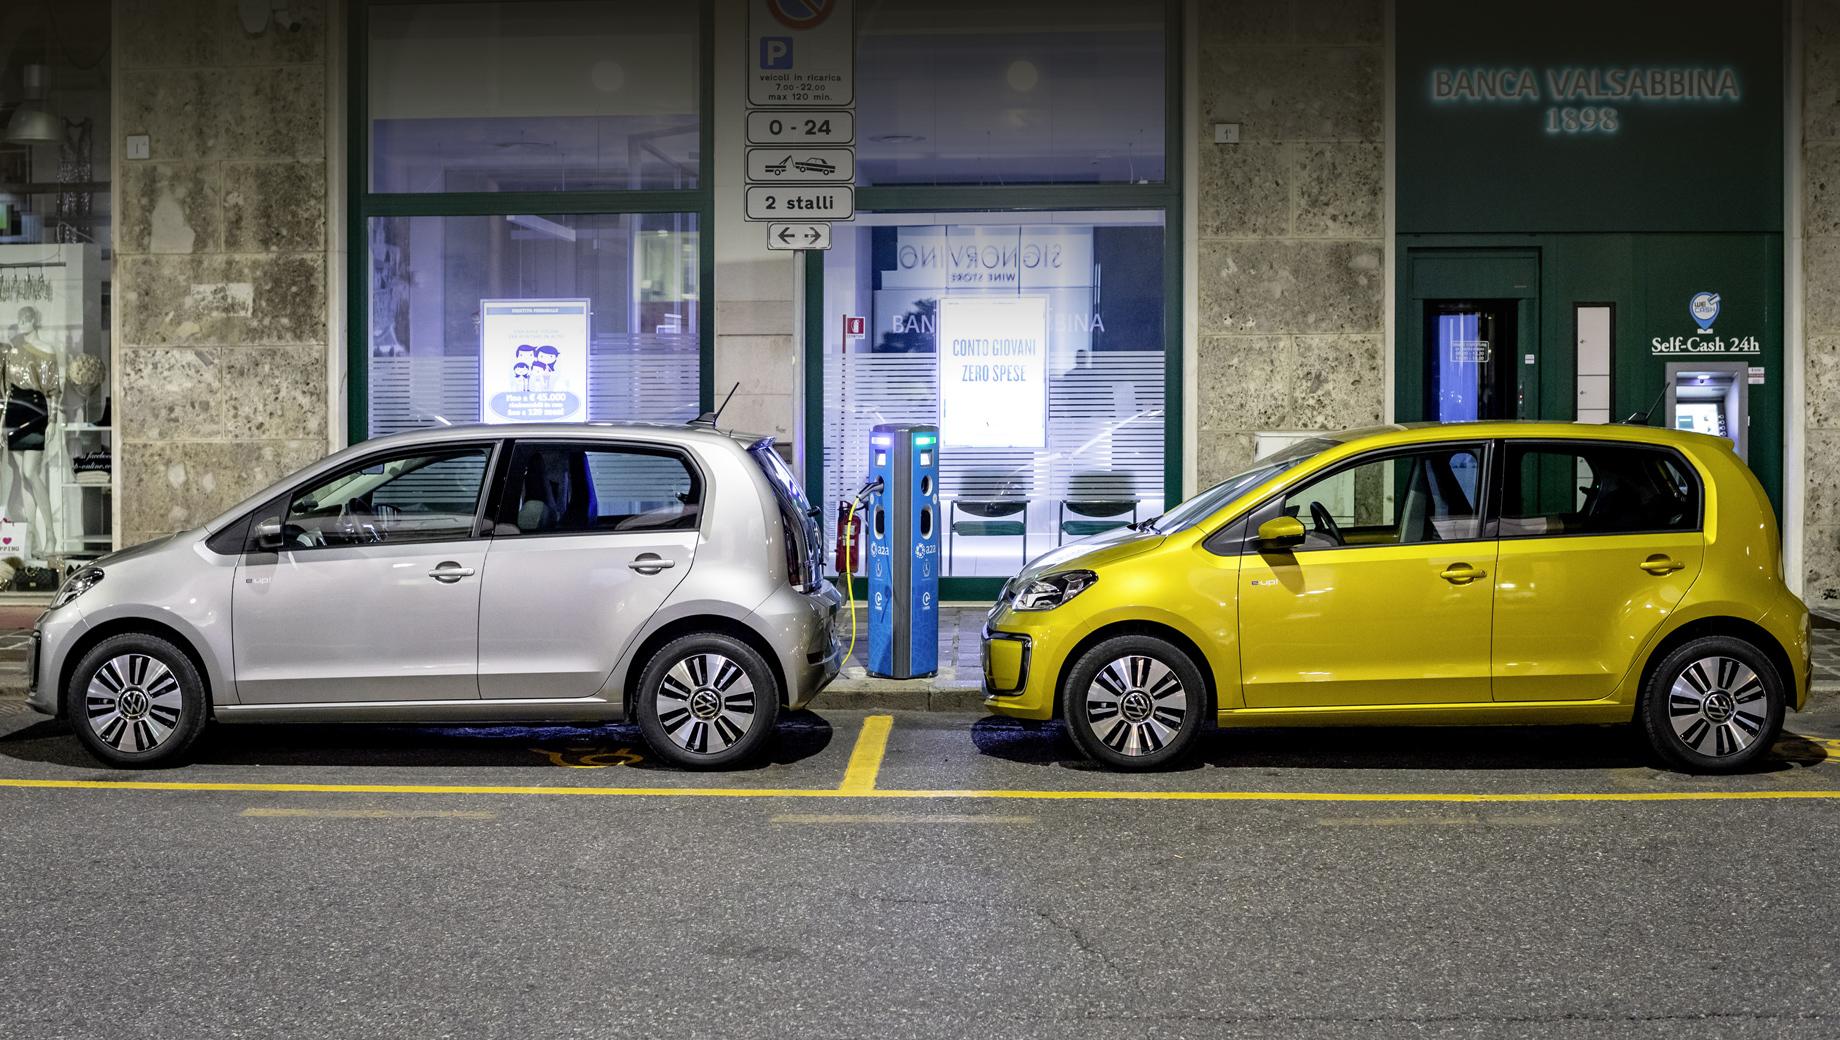 Volkswagen e-up,Volkswagen id 1. Современная модель e-up! стоит в Германии от 21 975 евро (1,8 млн рублей) без учёта льгот, оснащена тяговым электромотором с отдачей 83 л.с. и 212 Н•м, батареей на 36,8 кВт•ч (из них 32,3 кВт•ч — используемые) и проходит на одной зарядке 260 км в цикле WLTP.